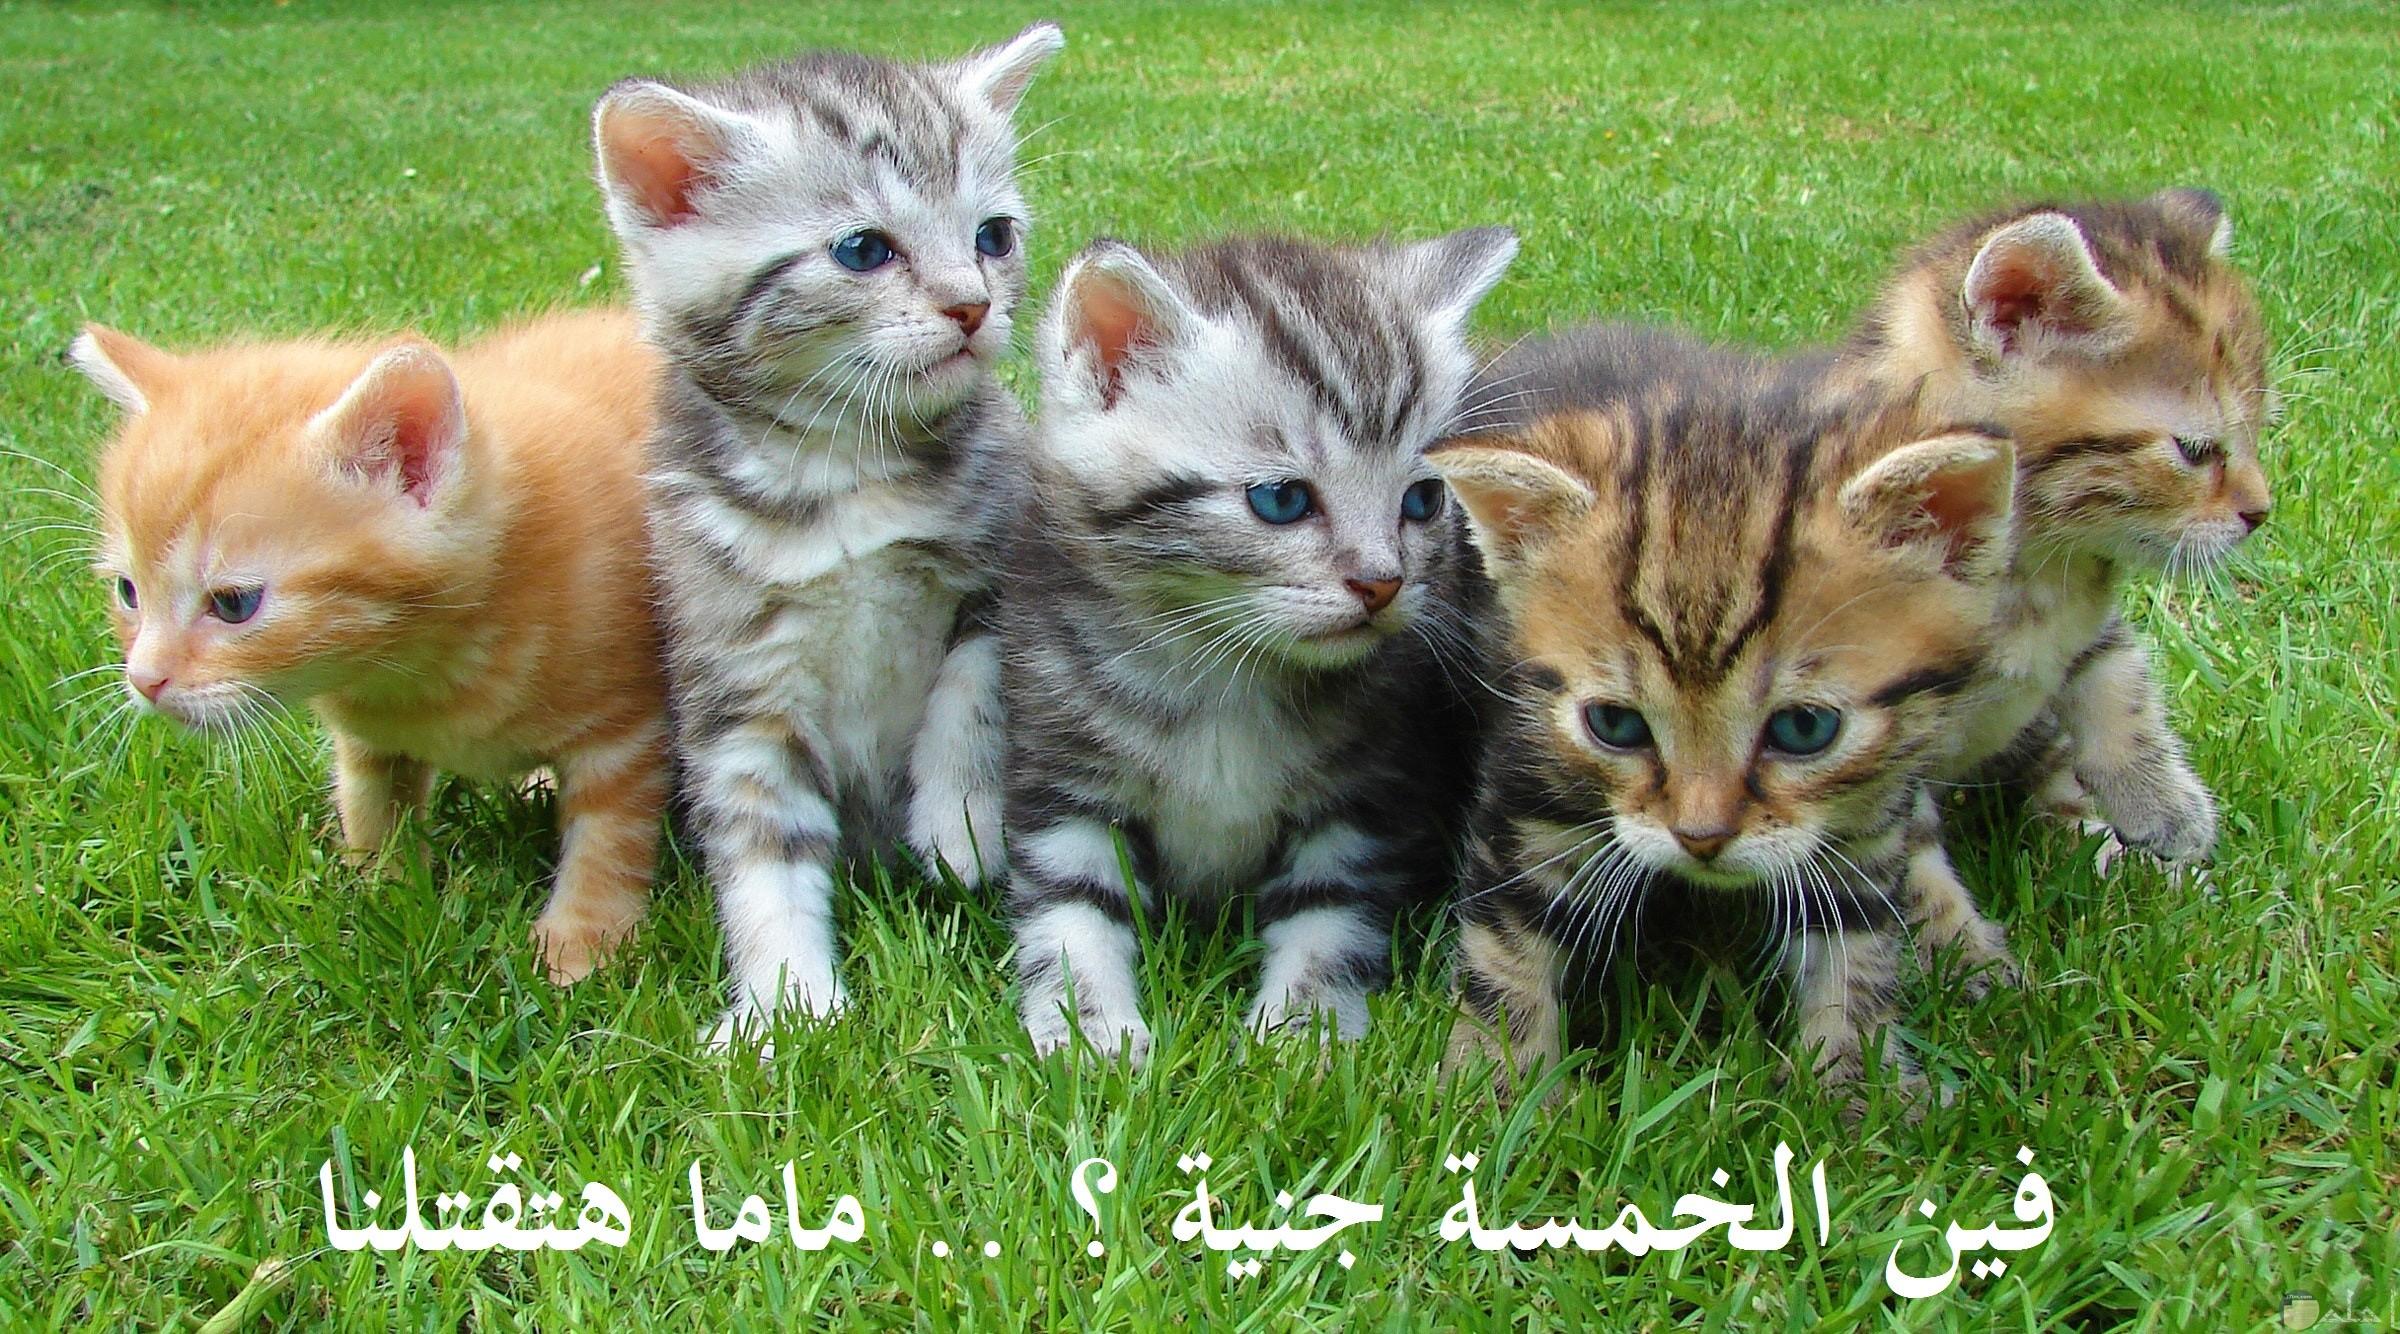 صورة مضحكة لمجموعة من القطط تقوم بالبحث عن النقود حتي لا توبخهم والدتهم